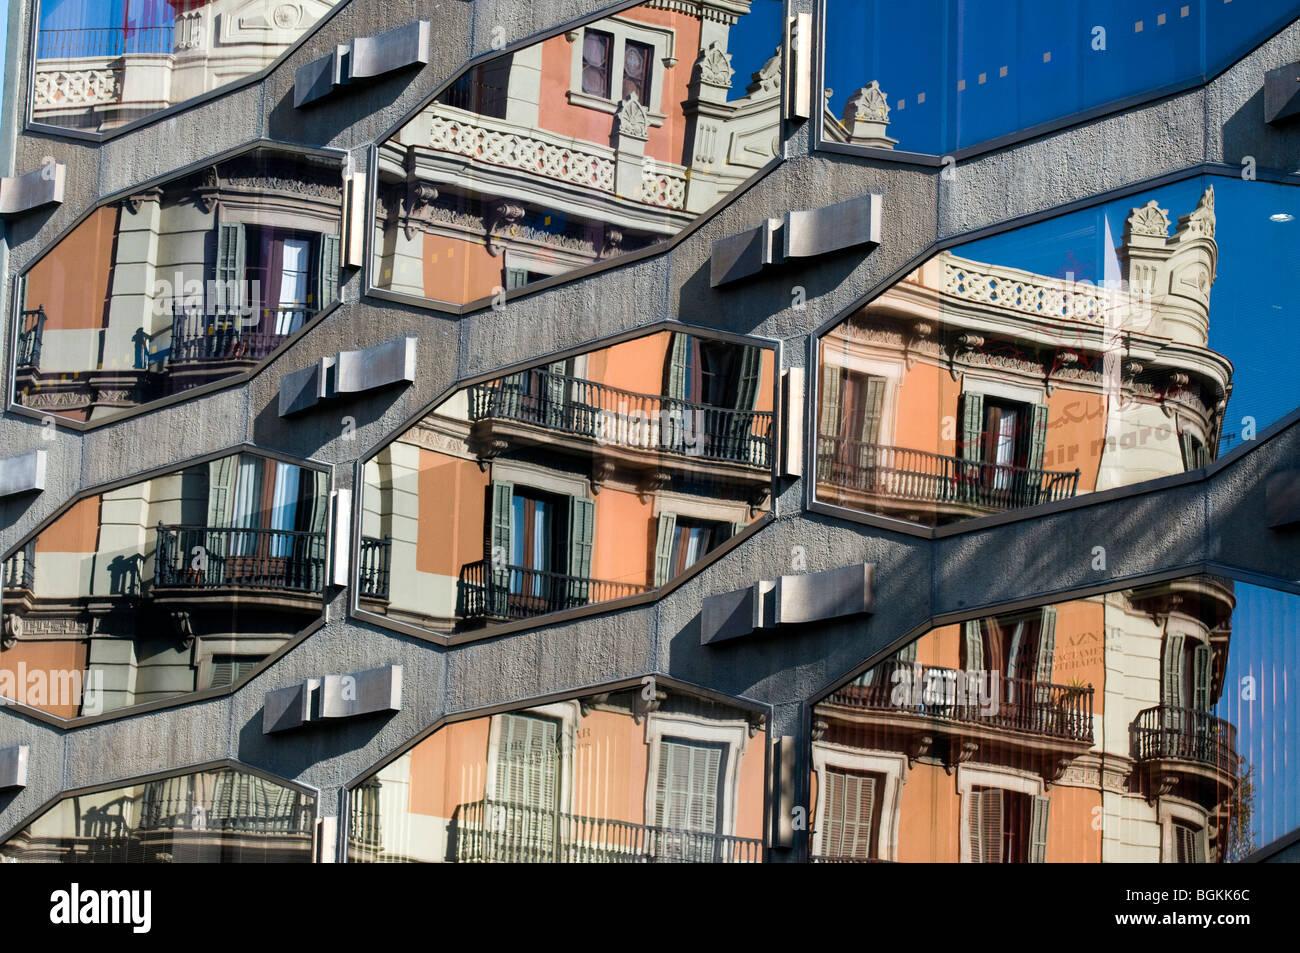 Nuevos y viejos edificios de reflexión en la plaza de Urquinaona, Barcelona, Cataluña, España Imagen De Stock